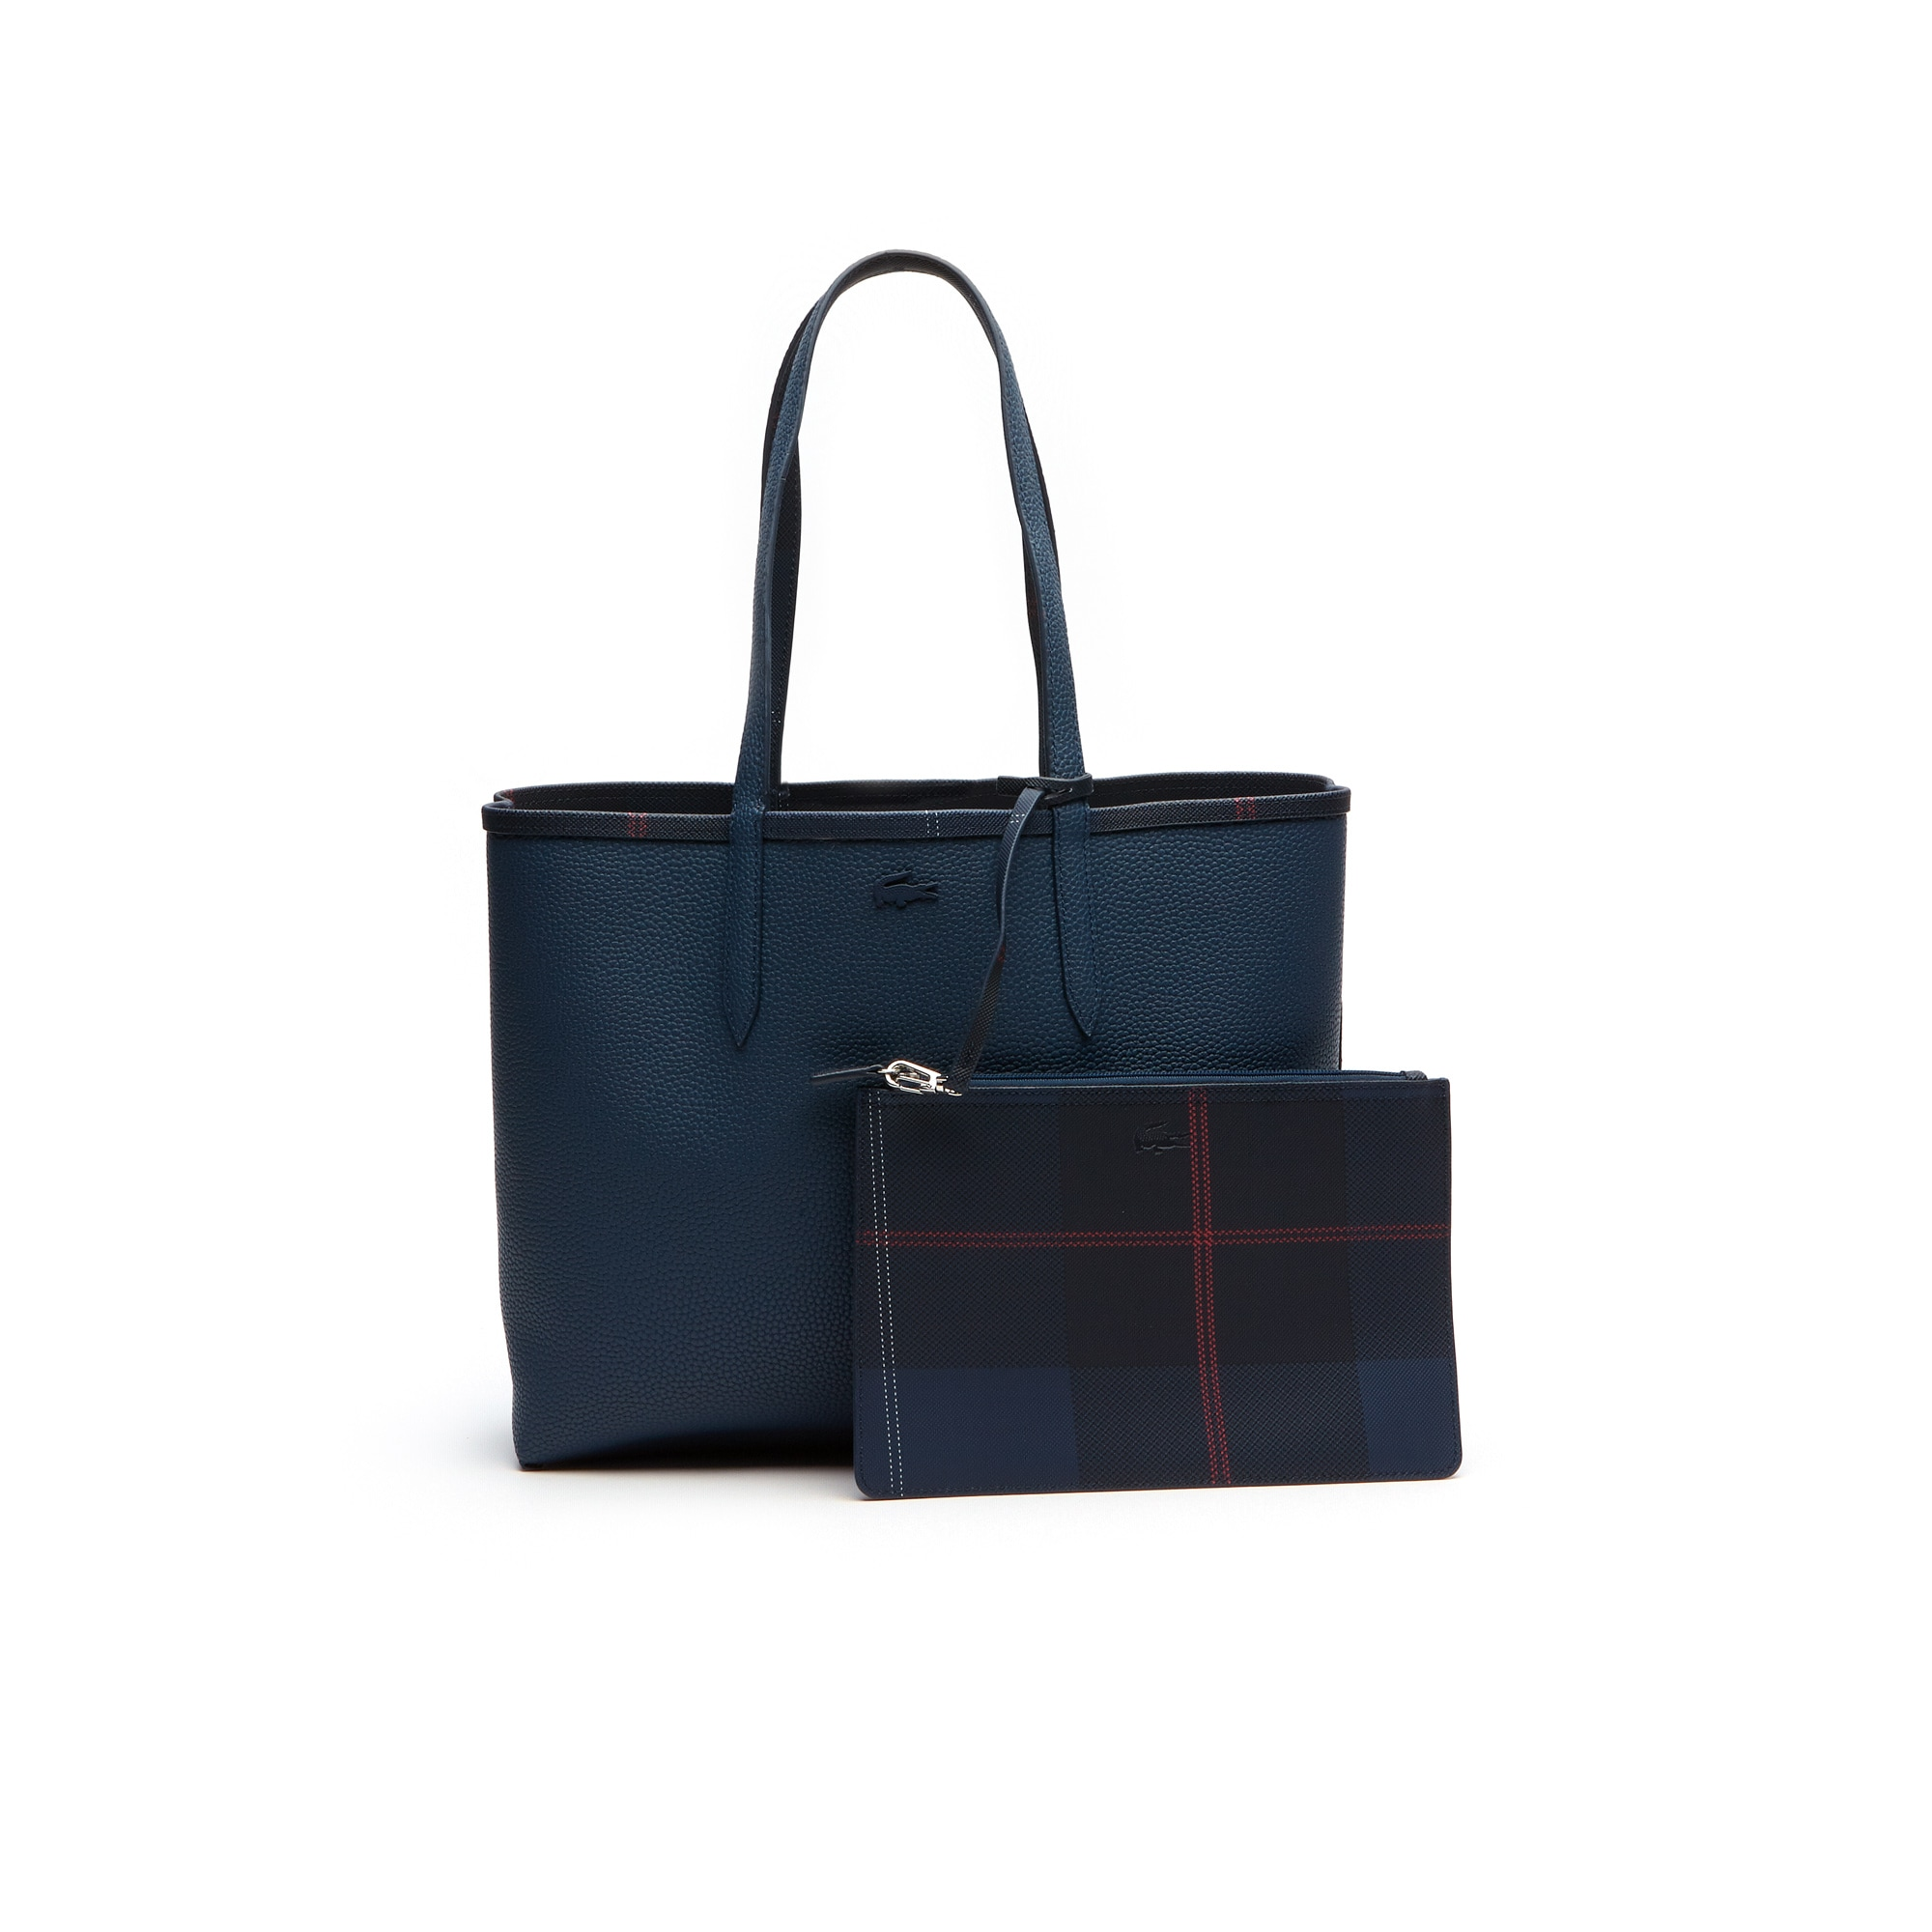 """حقيبة نسائية من مجموعة """"أنا"""" يمكن ارتداؤها على الجهتين بلونين بنقوش مربعة"""